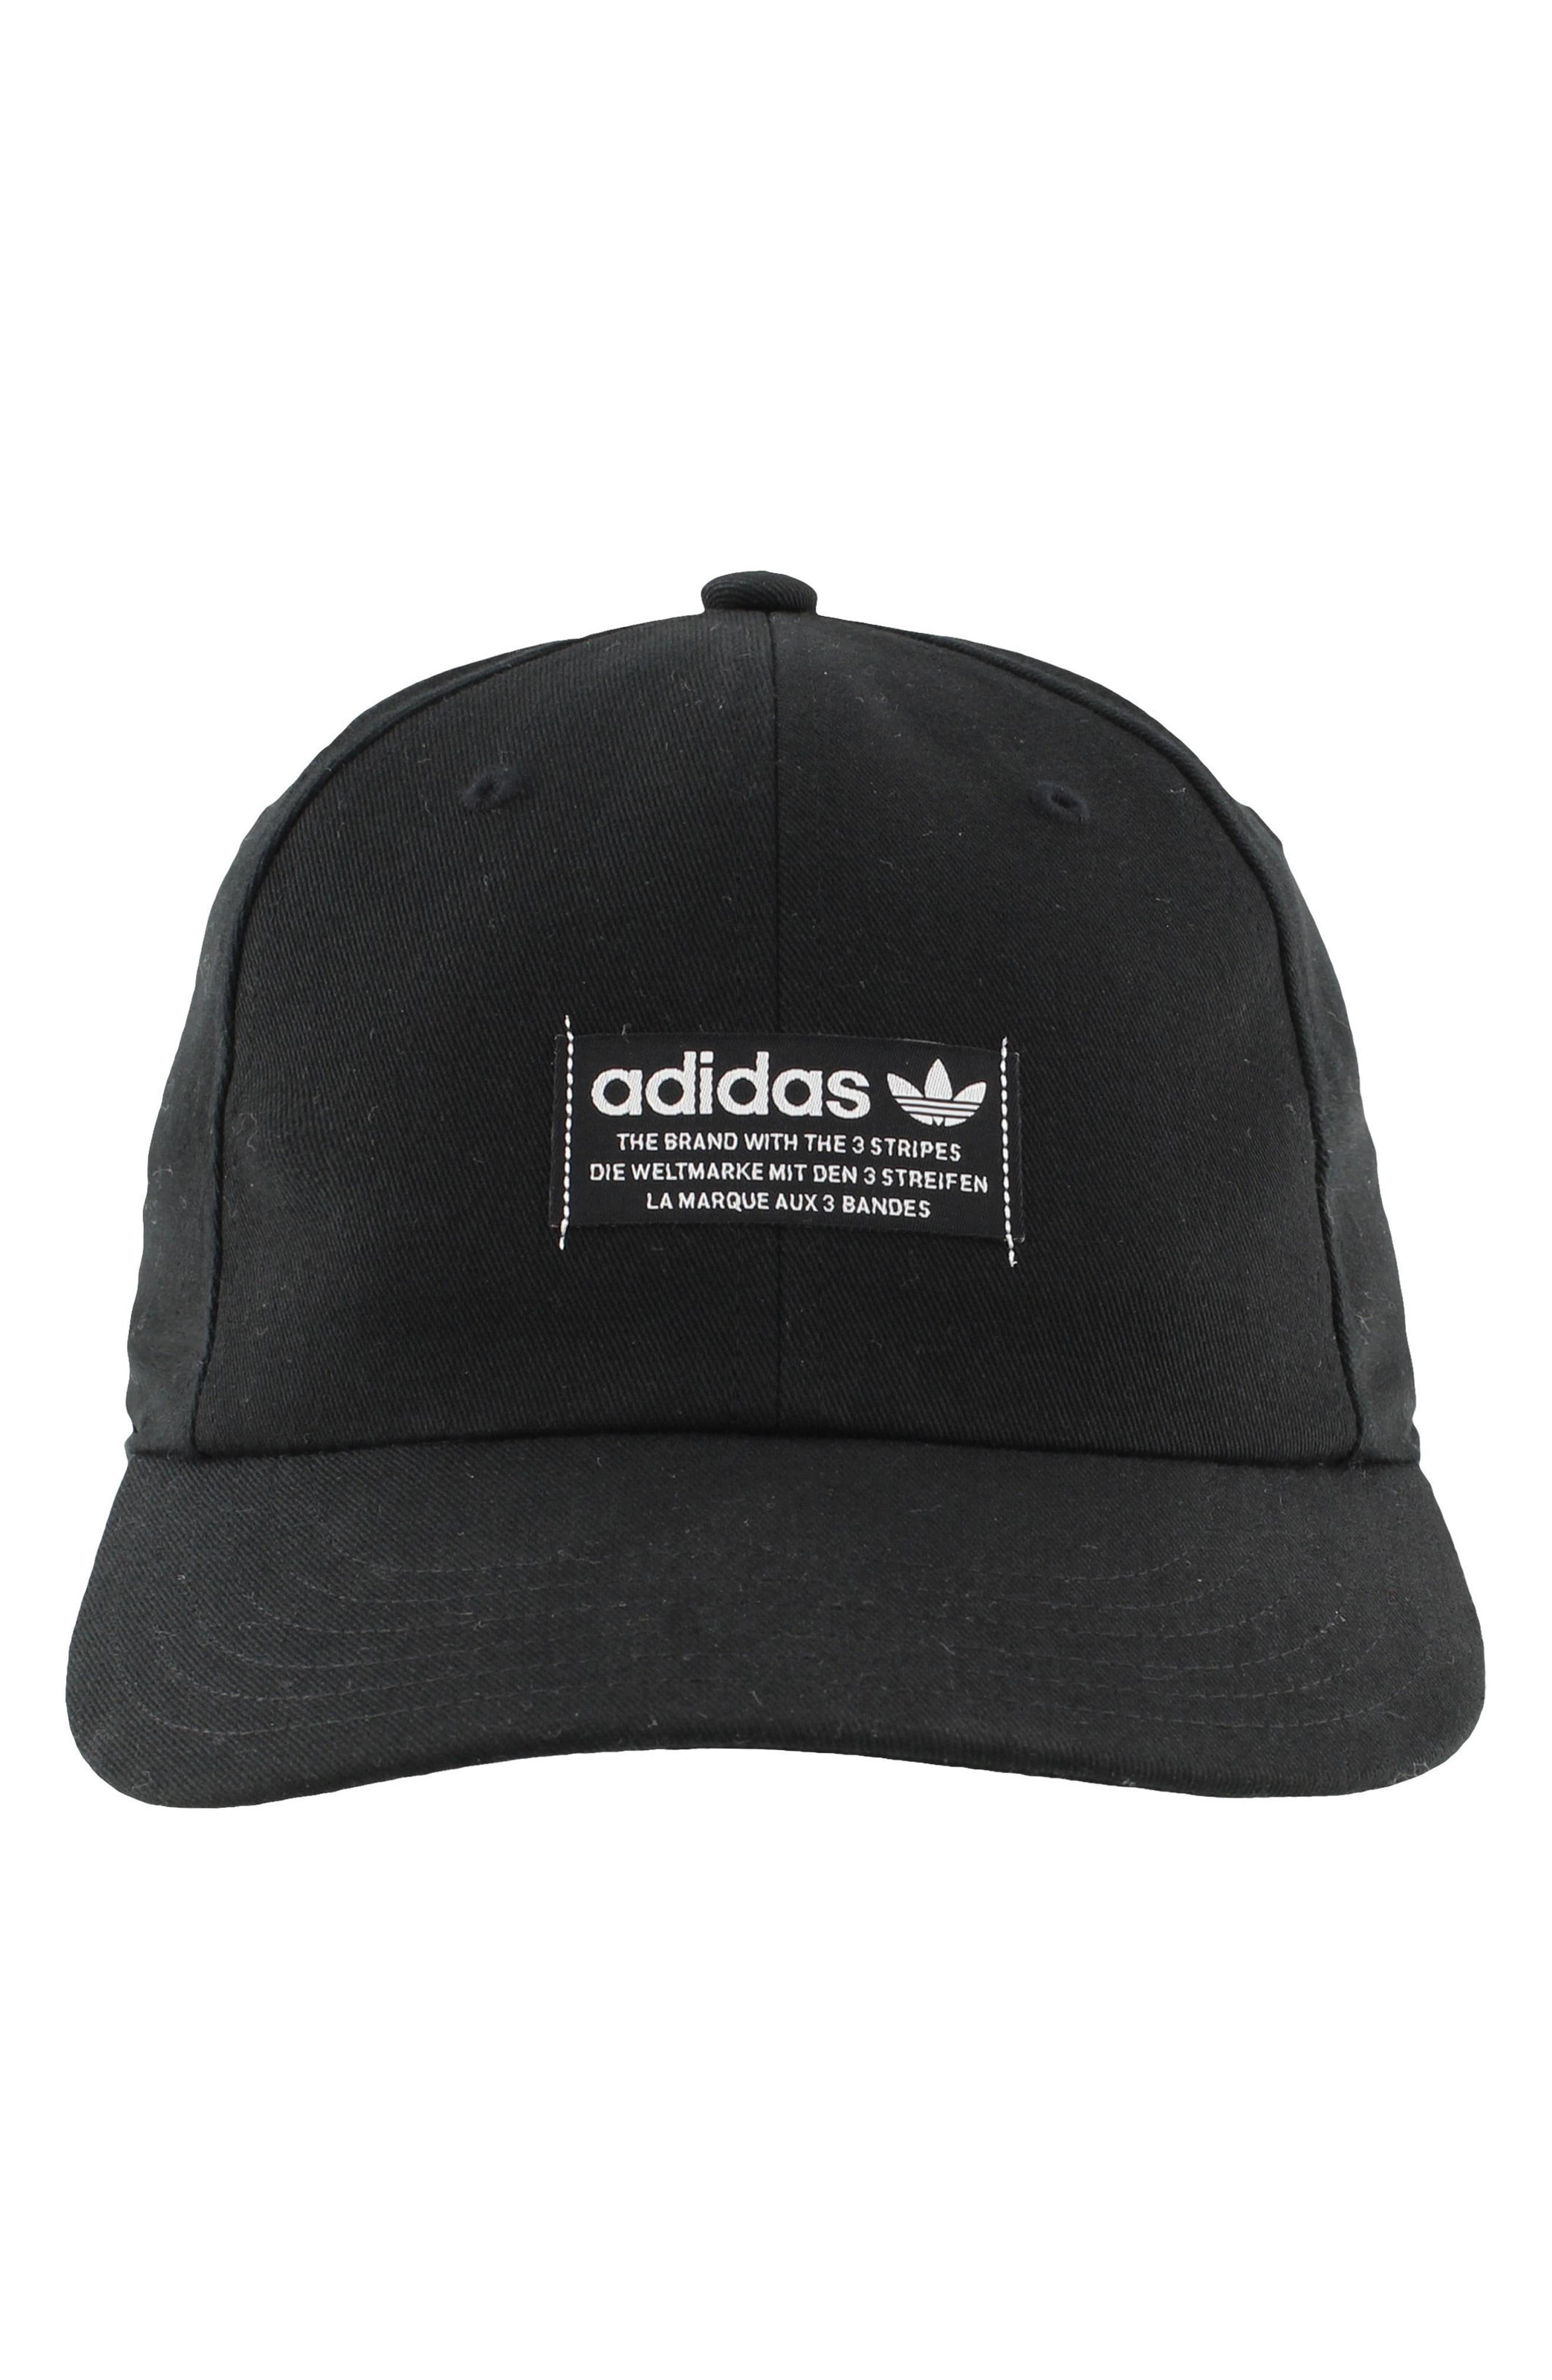 4687f36d4d3 ... Adidas Original Relaxed Patch Ball Cap - for Men - Lyst. View fullscreen